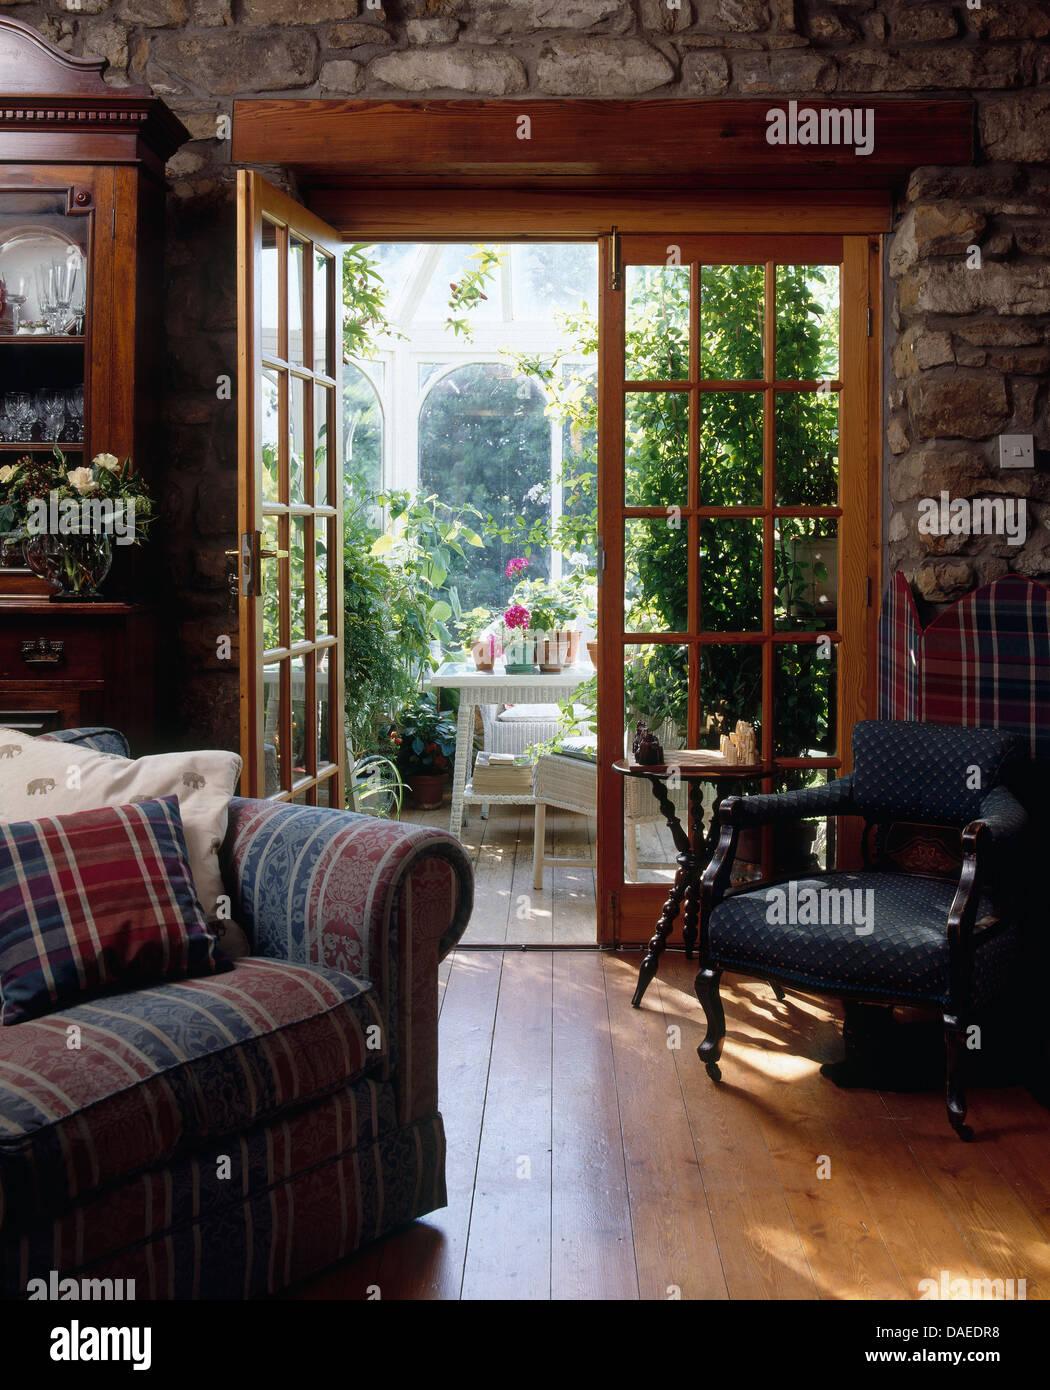 Bequemes Sofa und Sessel im Wohnzimmer mit Blick durch Doppeltür ins ...